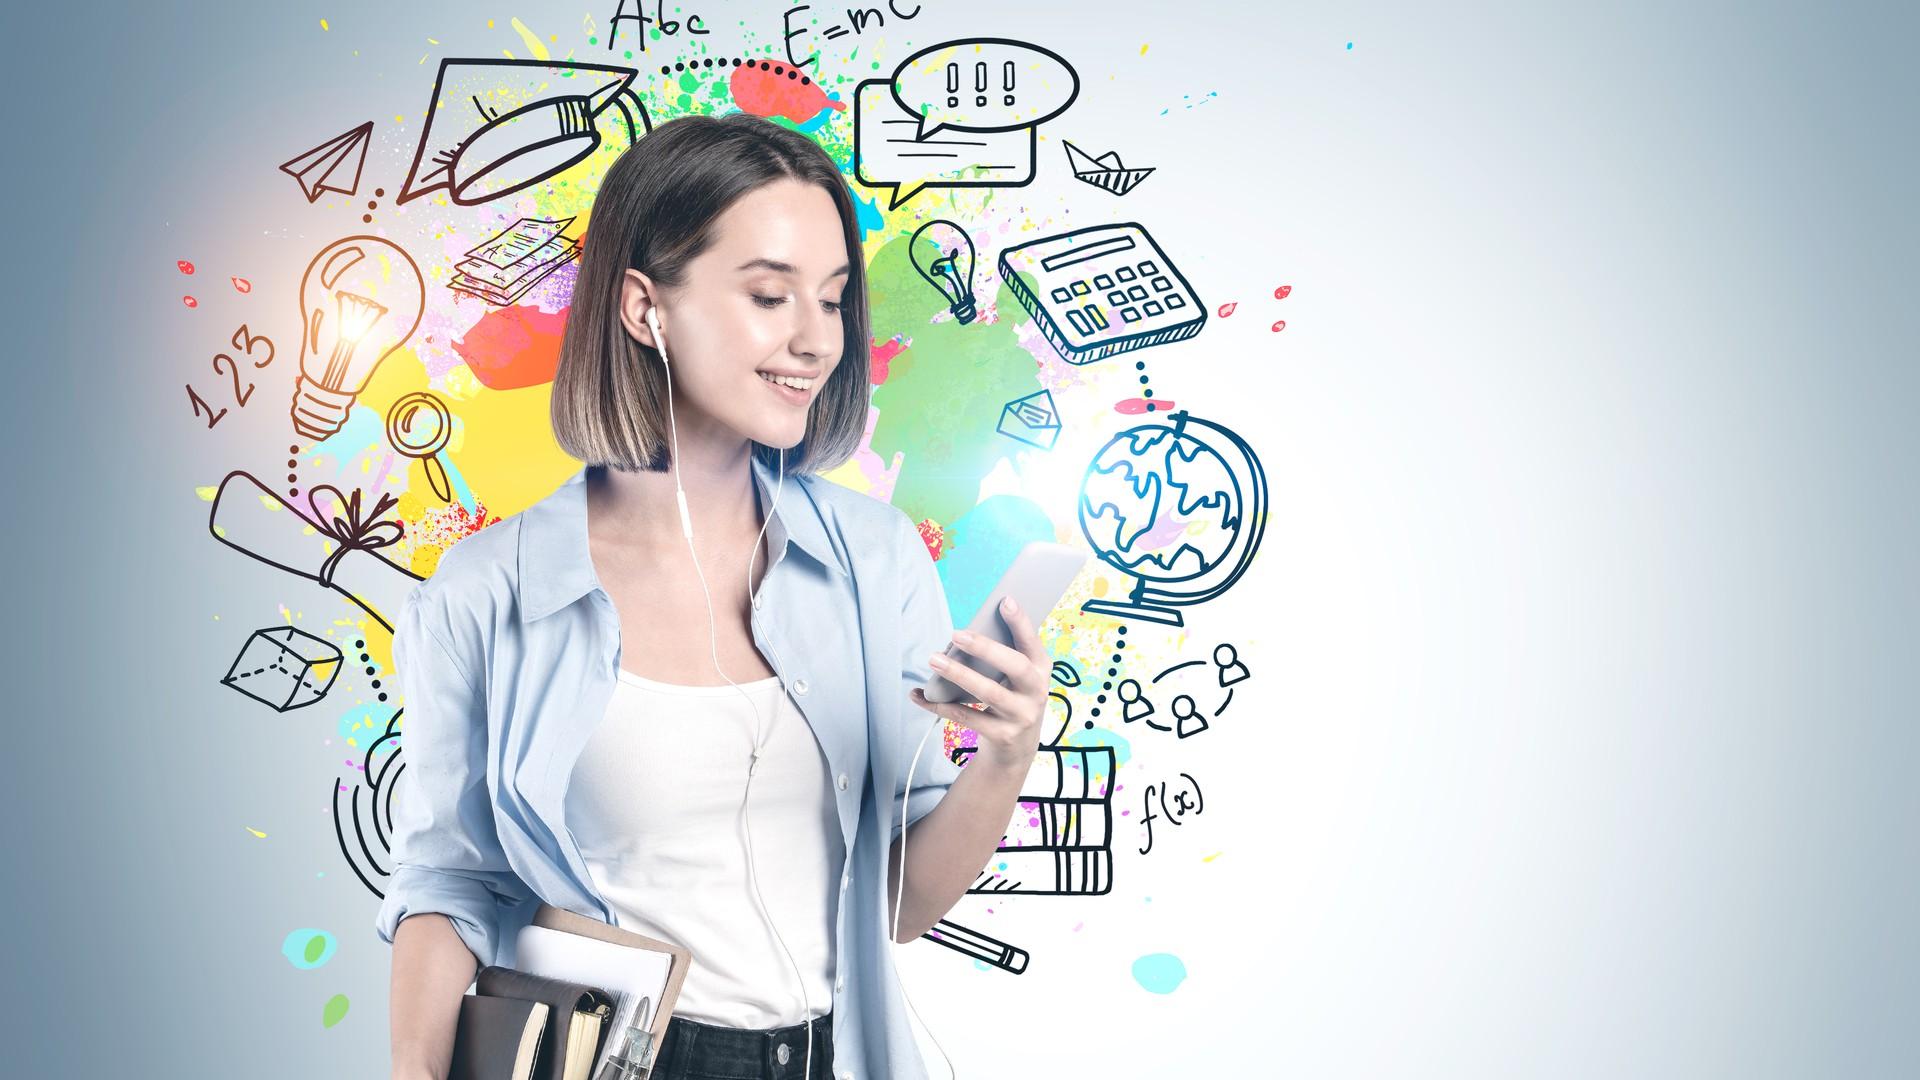 Junge-Frau-Möglichkeiten-Bildung-Beruf-Entscheidungsfindung.jpg